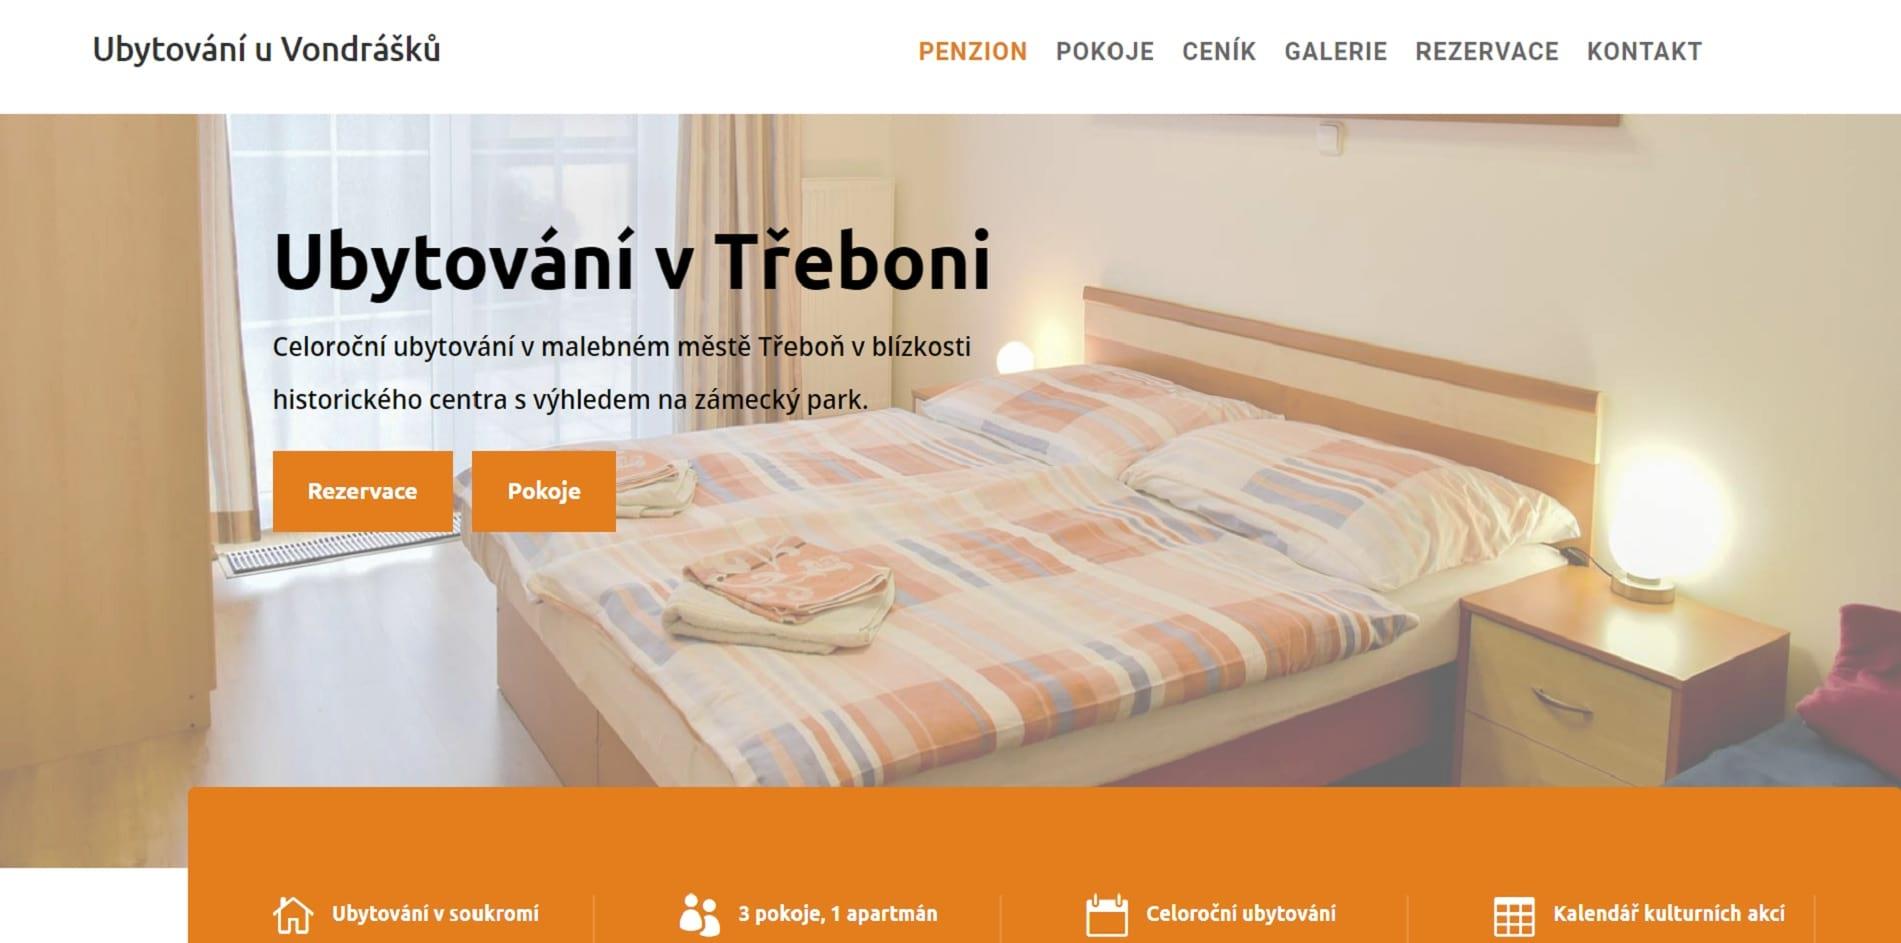 Ubytování u Vondrášků - ubytování v Třeboni